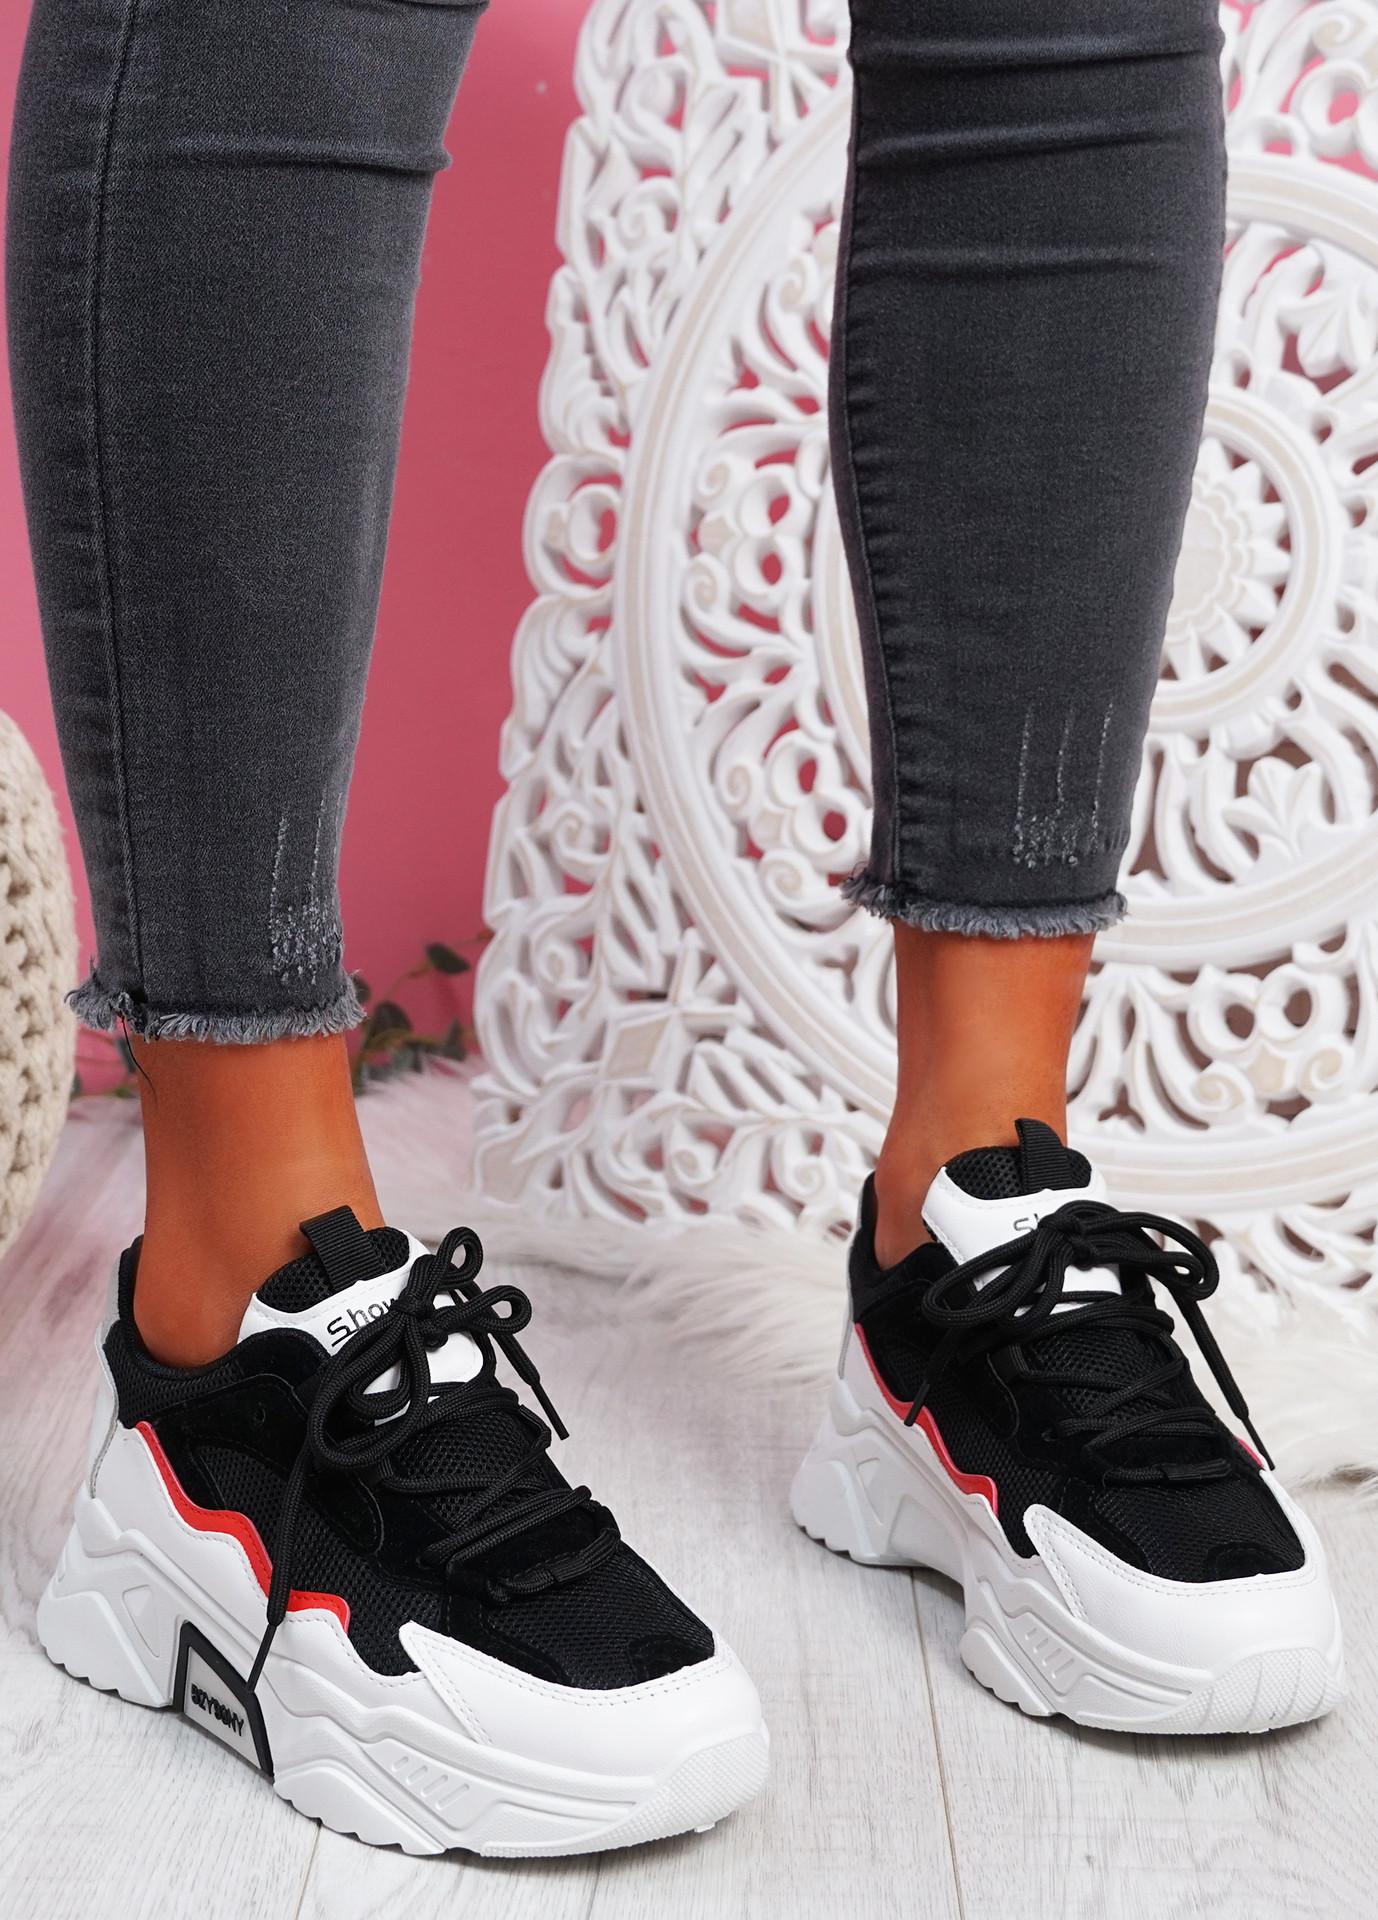 Kopy Black Chunky Sneakers